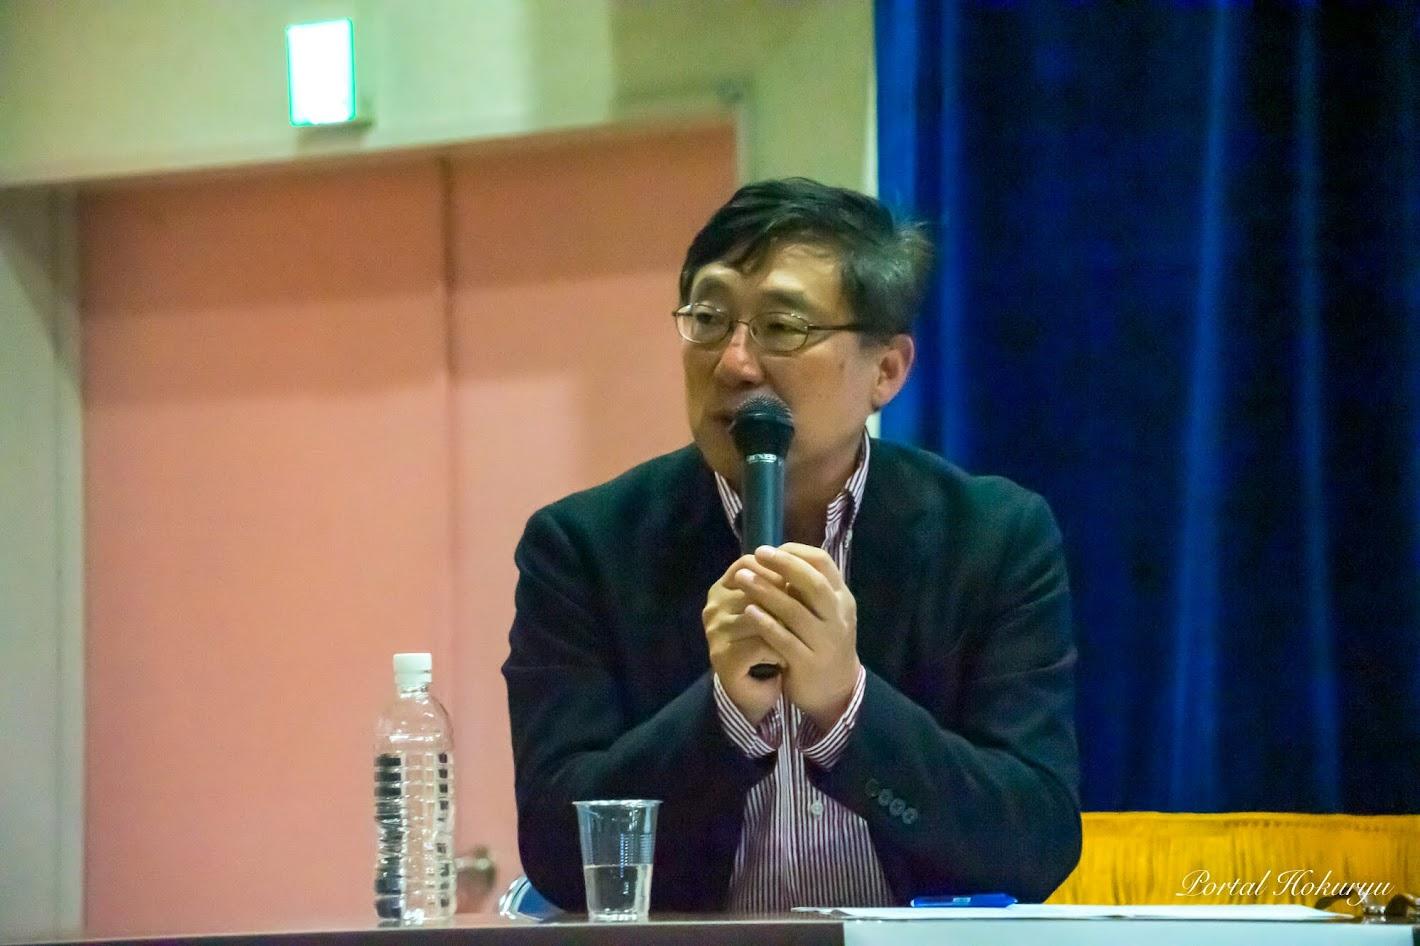 立正大学・鈴木輝隆 特任教授: